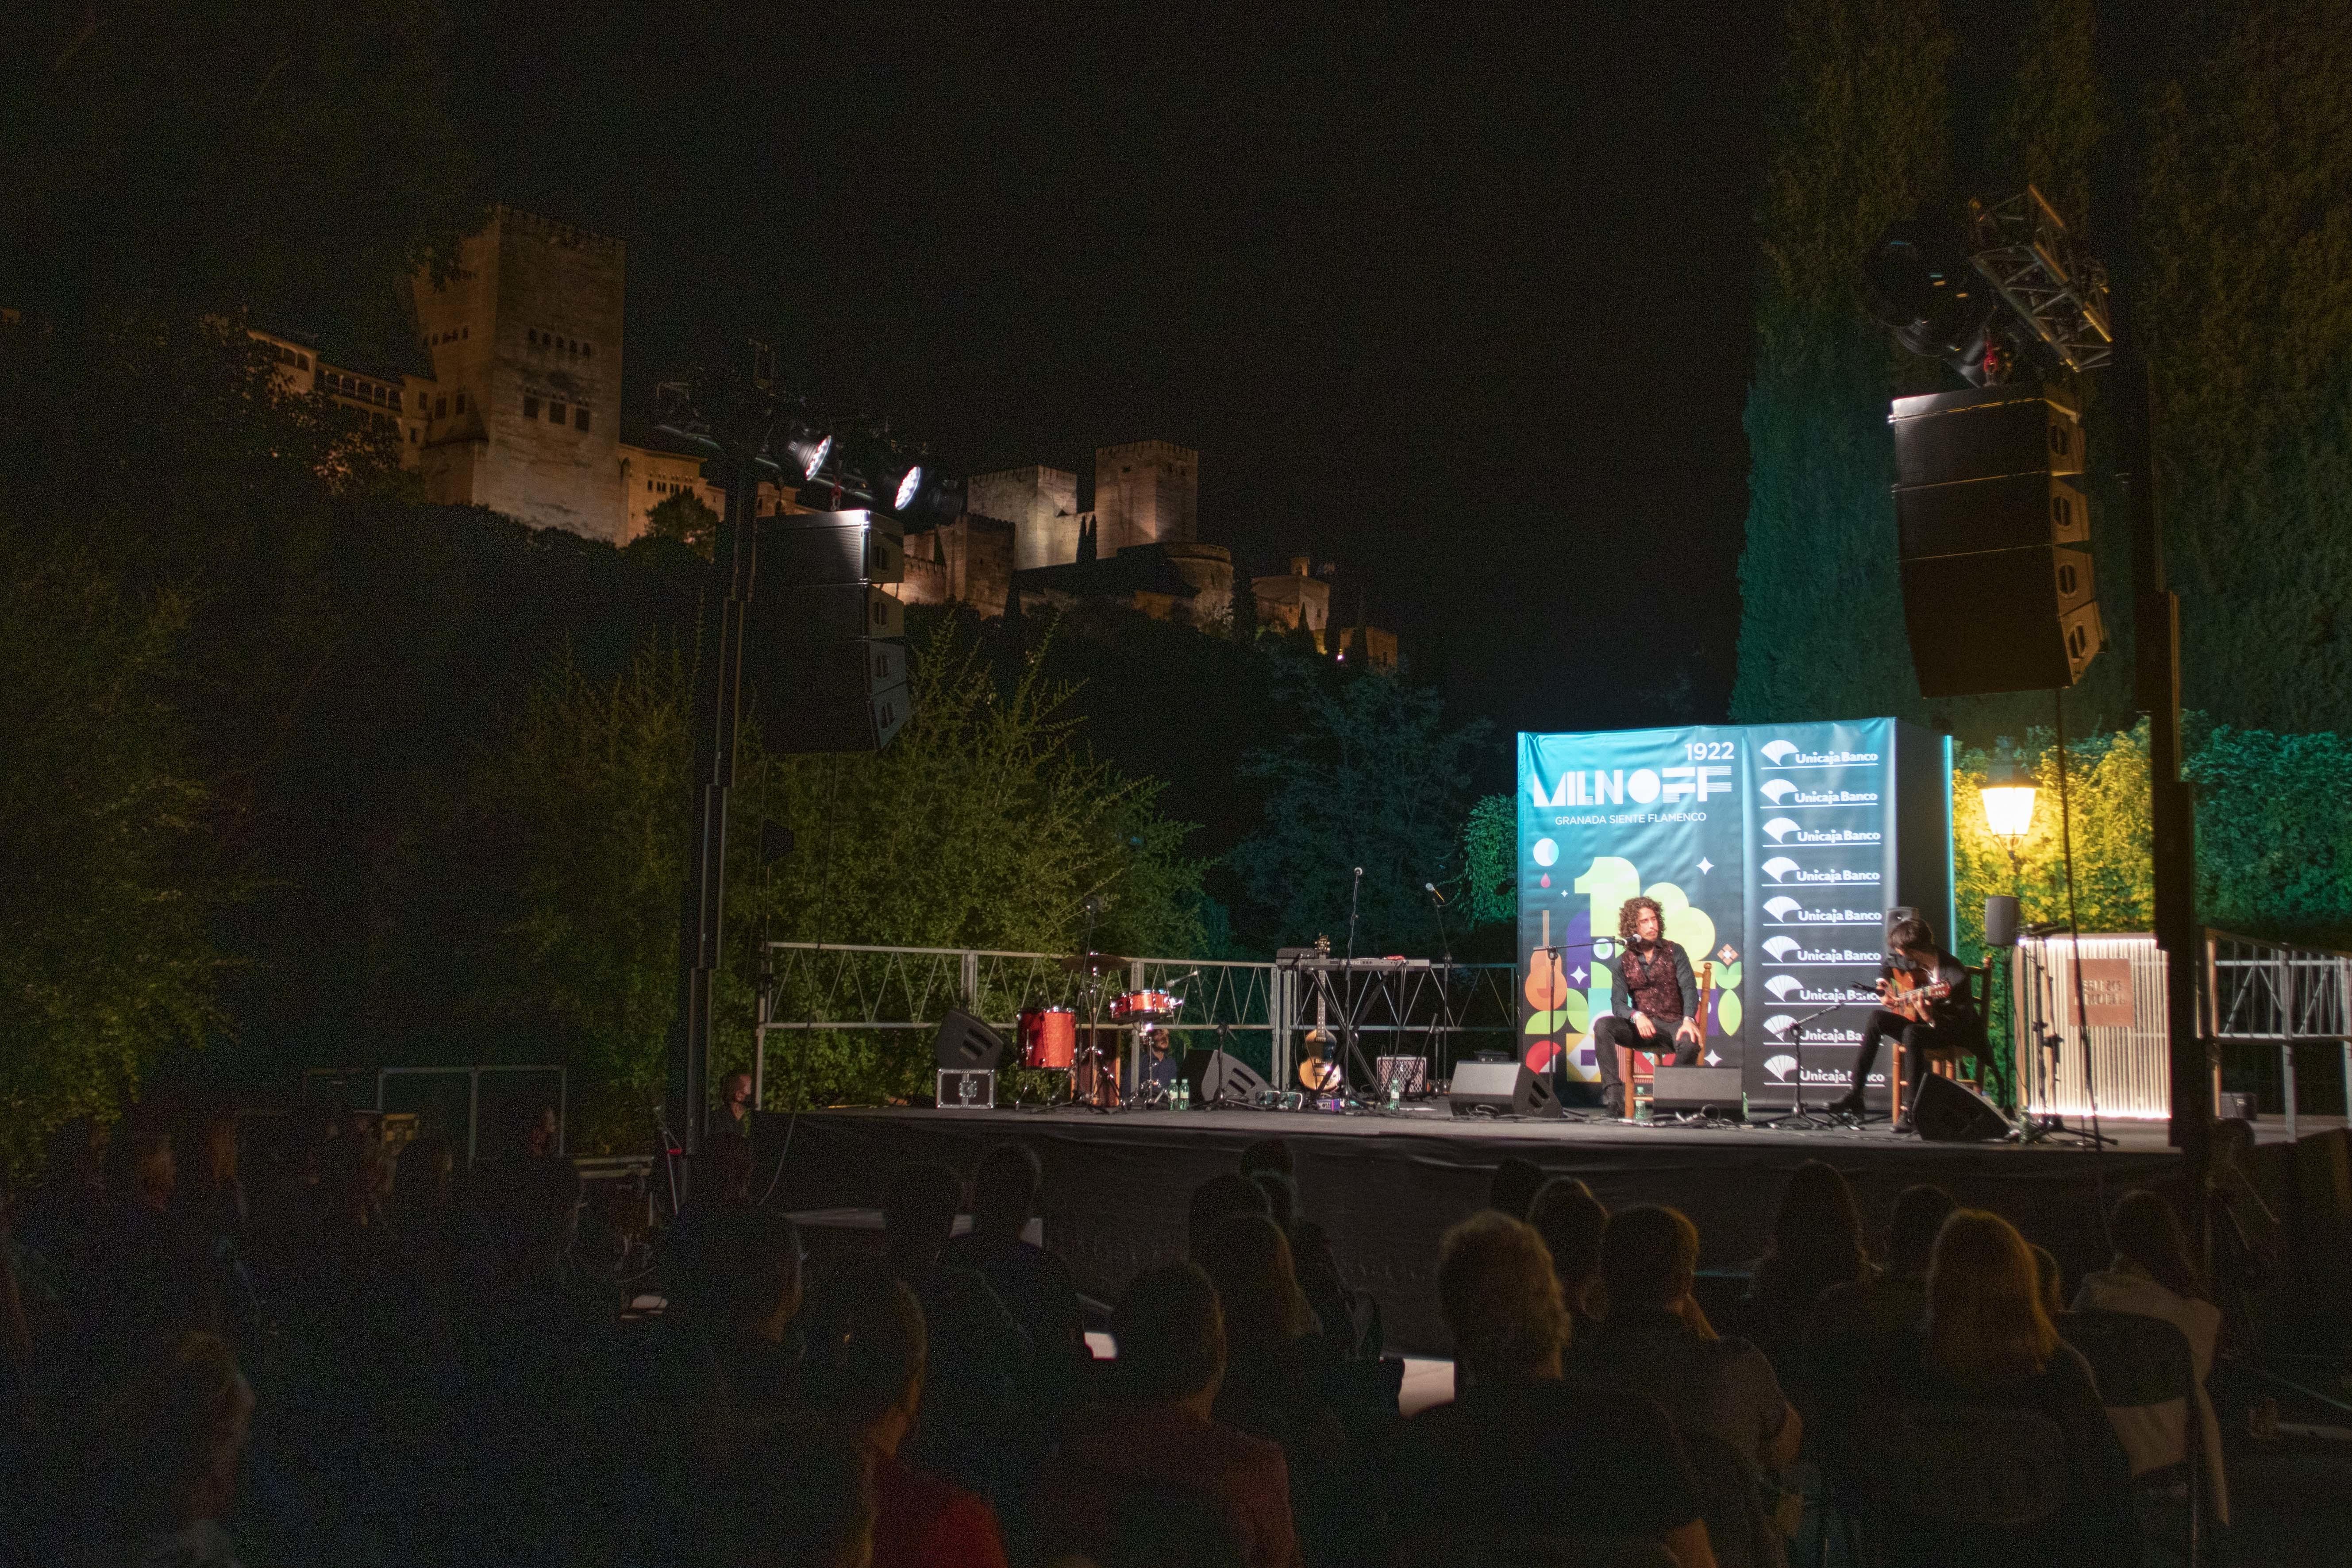 La lluvia impide el concierto de los Morente, Kiki y Soleá, en los Córdova